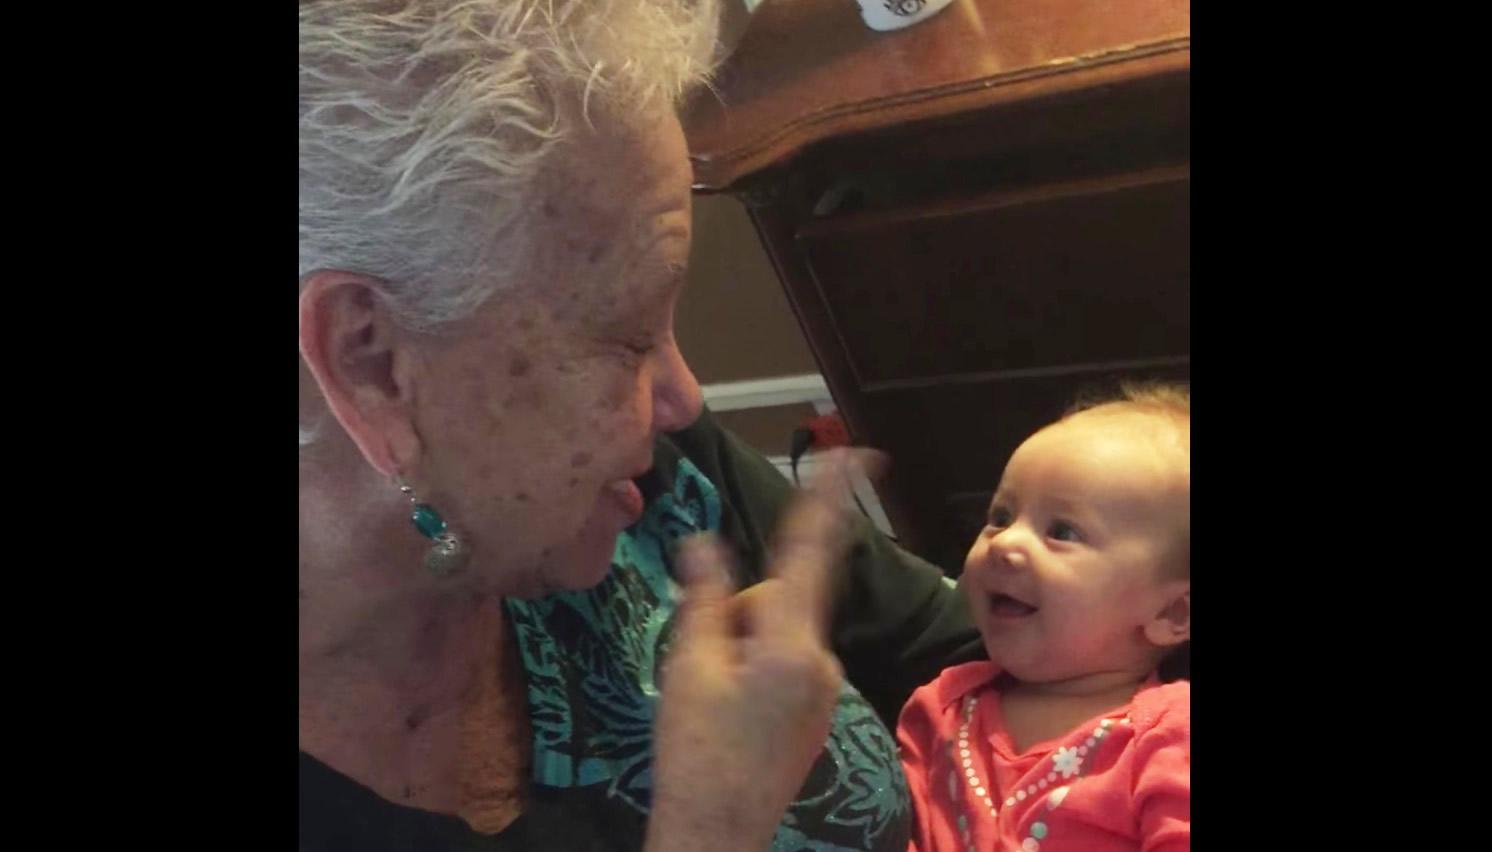 耳の聞こえない祖母と、耳の聞こえない孫の静かな会話に心打たれる